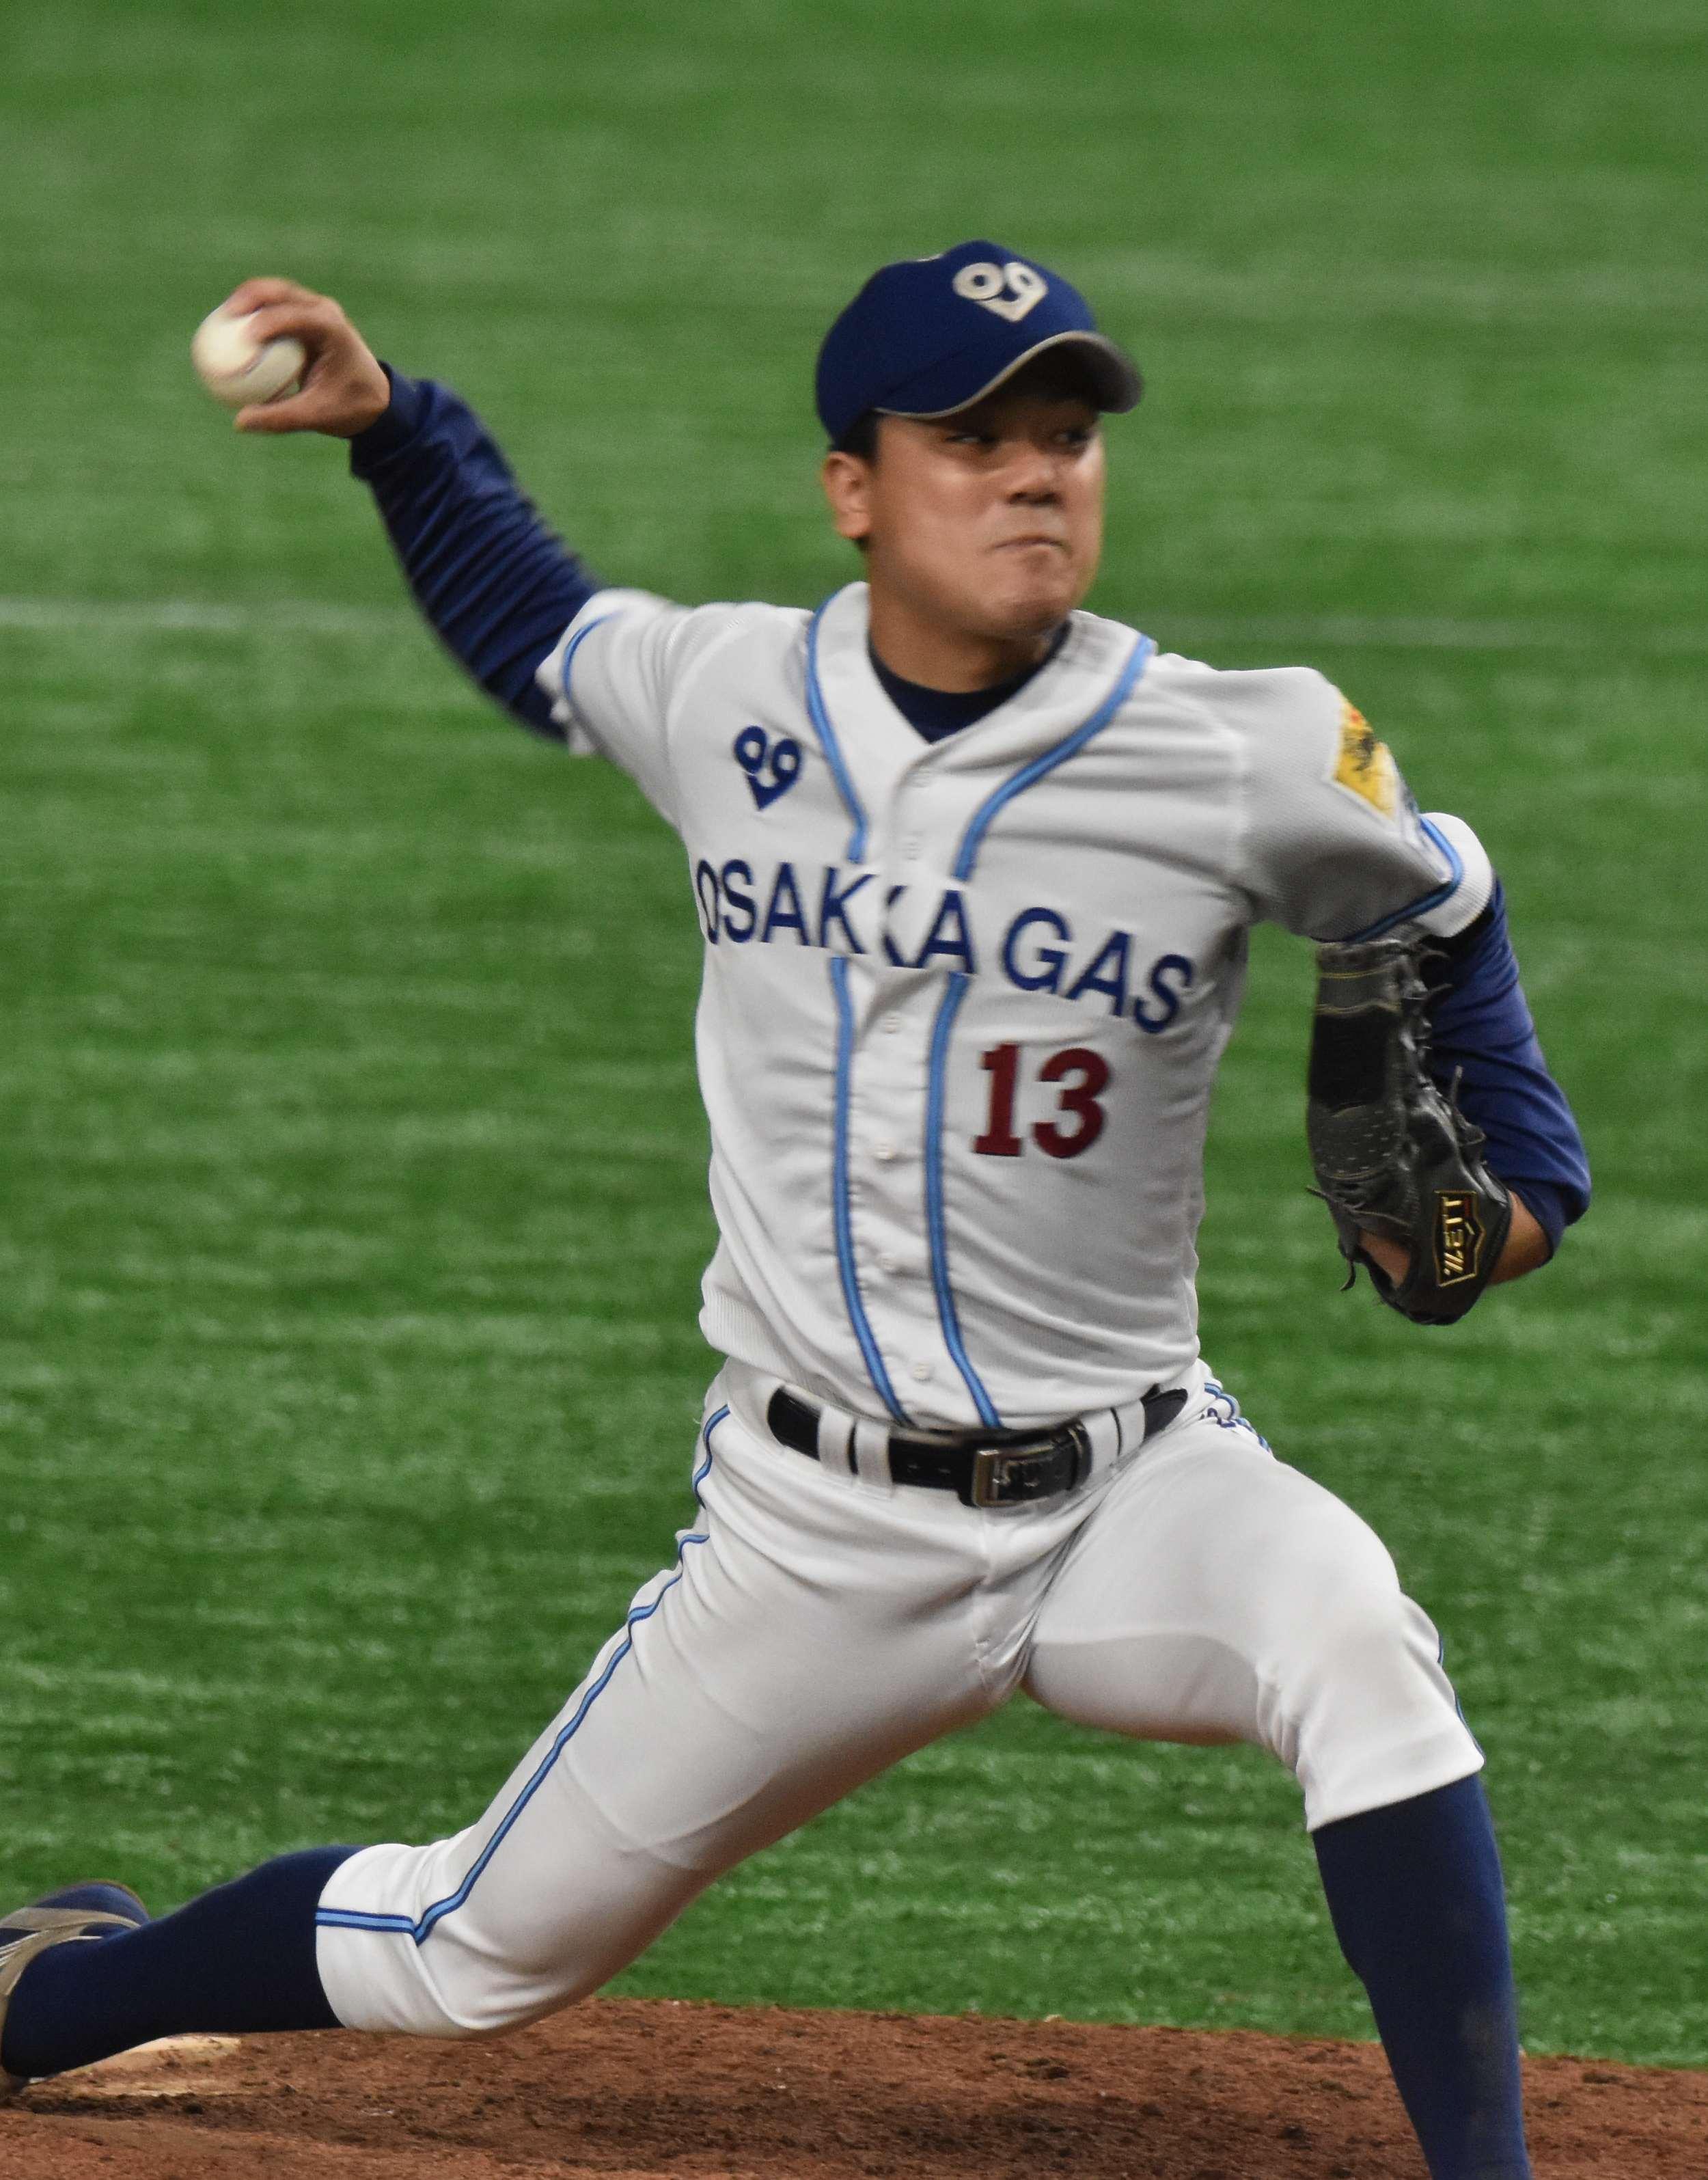 20190718大阪ガス 飯塚